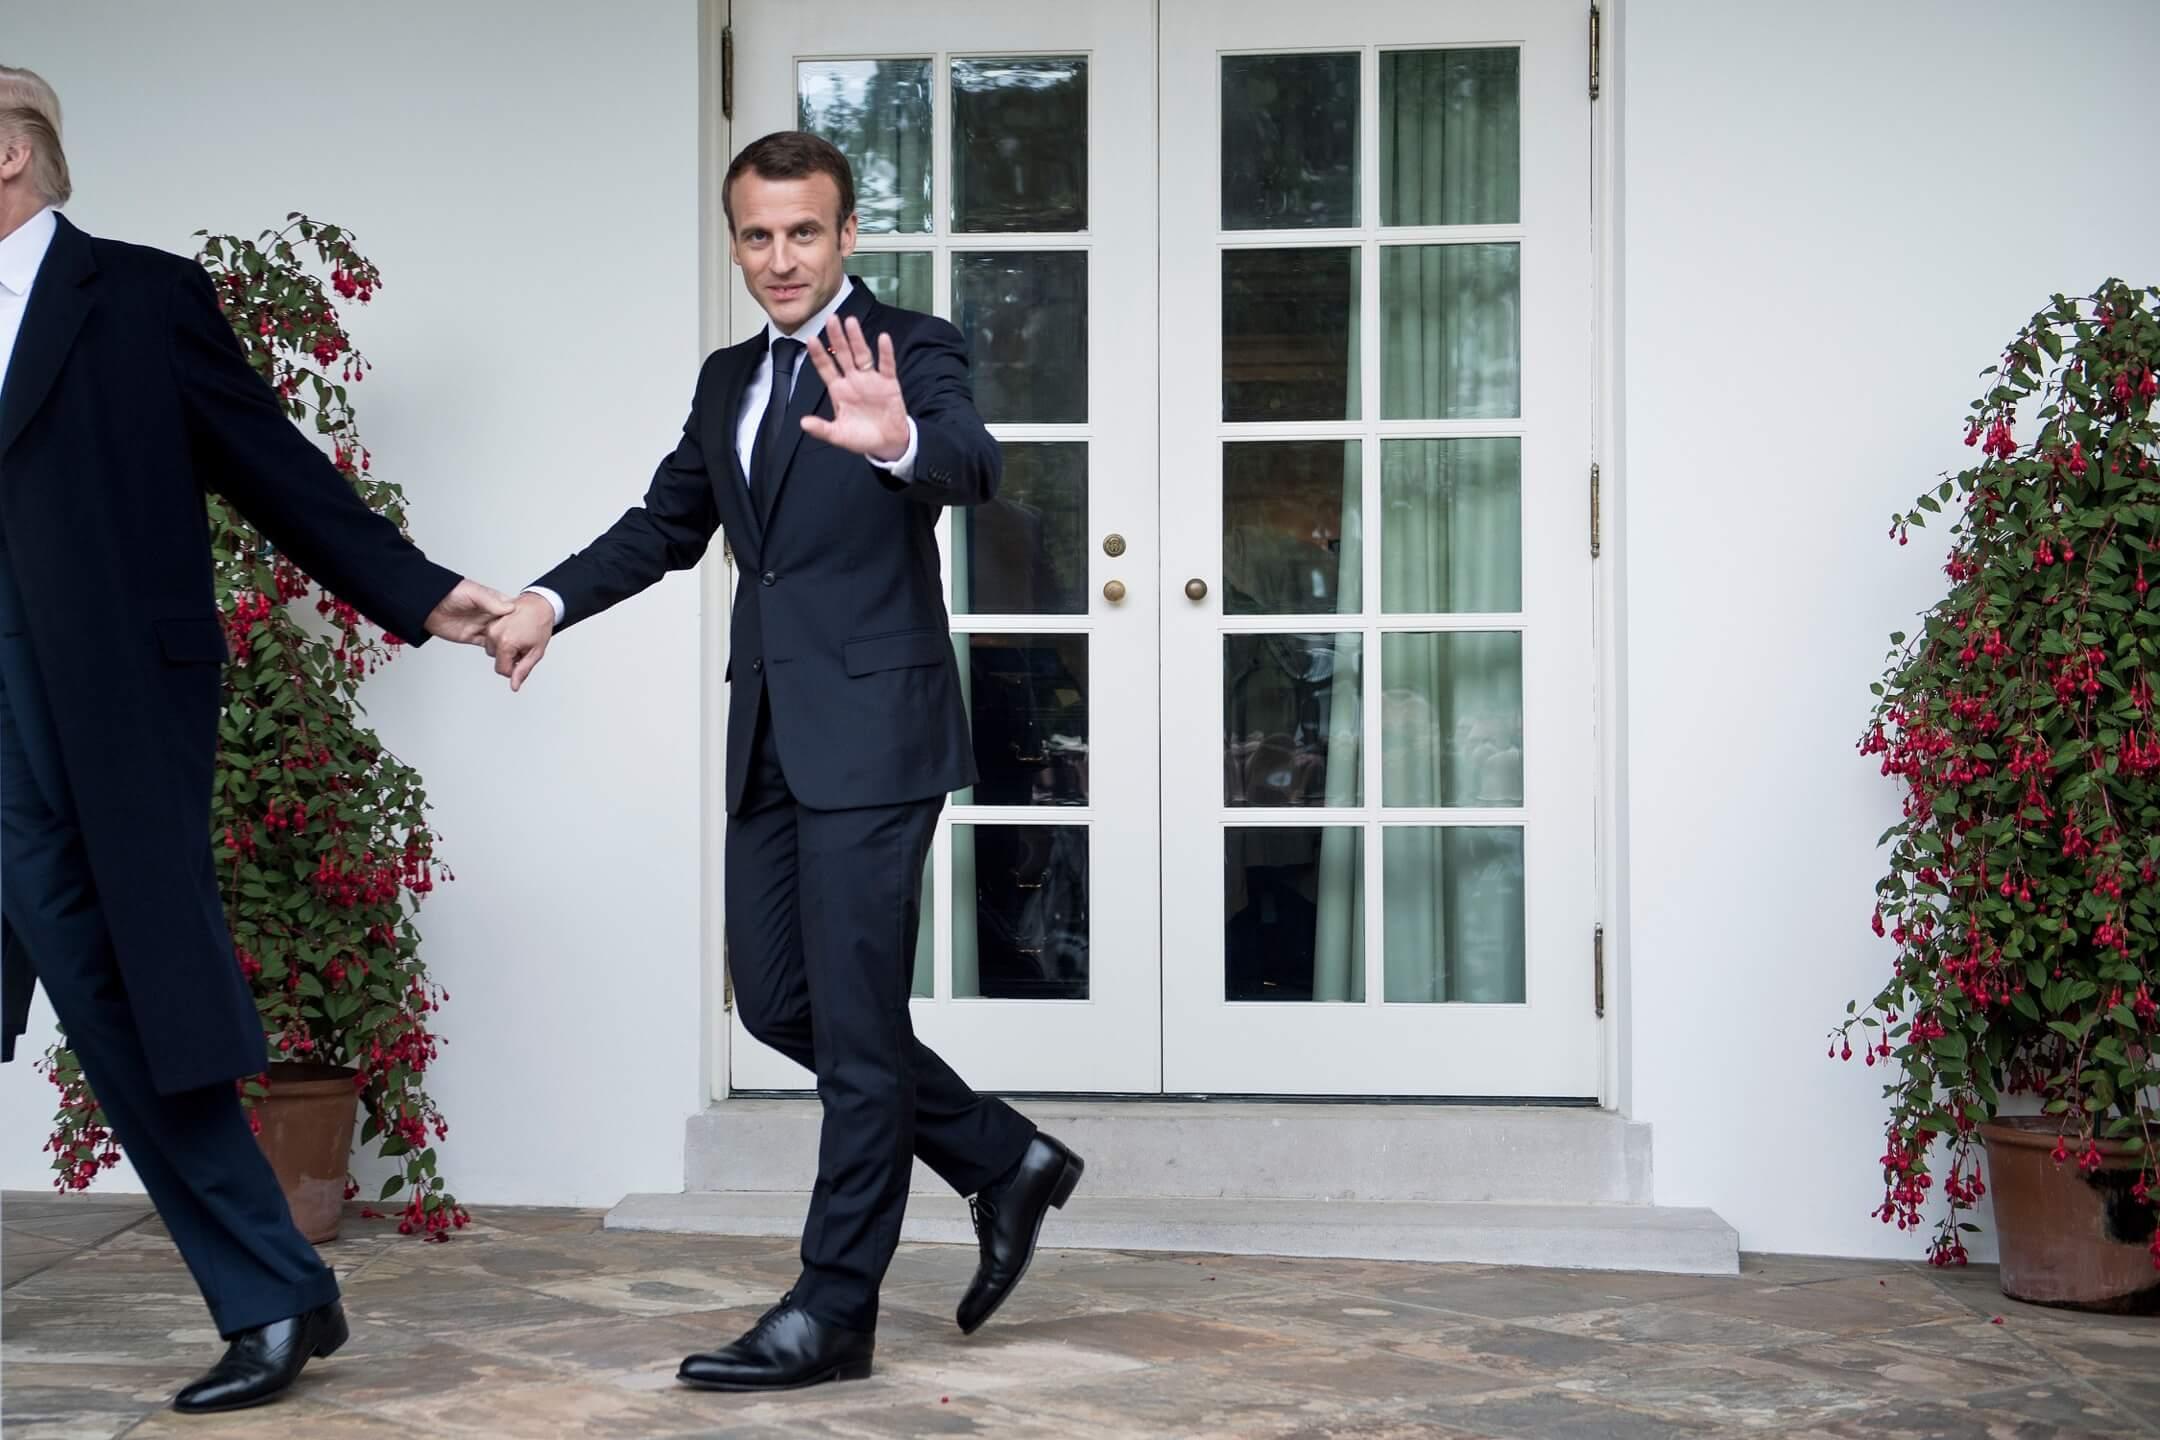 2018年4月24日,法國總統馬克龍到訪美國,馬克龍與美國總統特朗普二人在白宮草坪發表講話後共同步向白宮橢圓形辦公室。